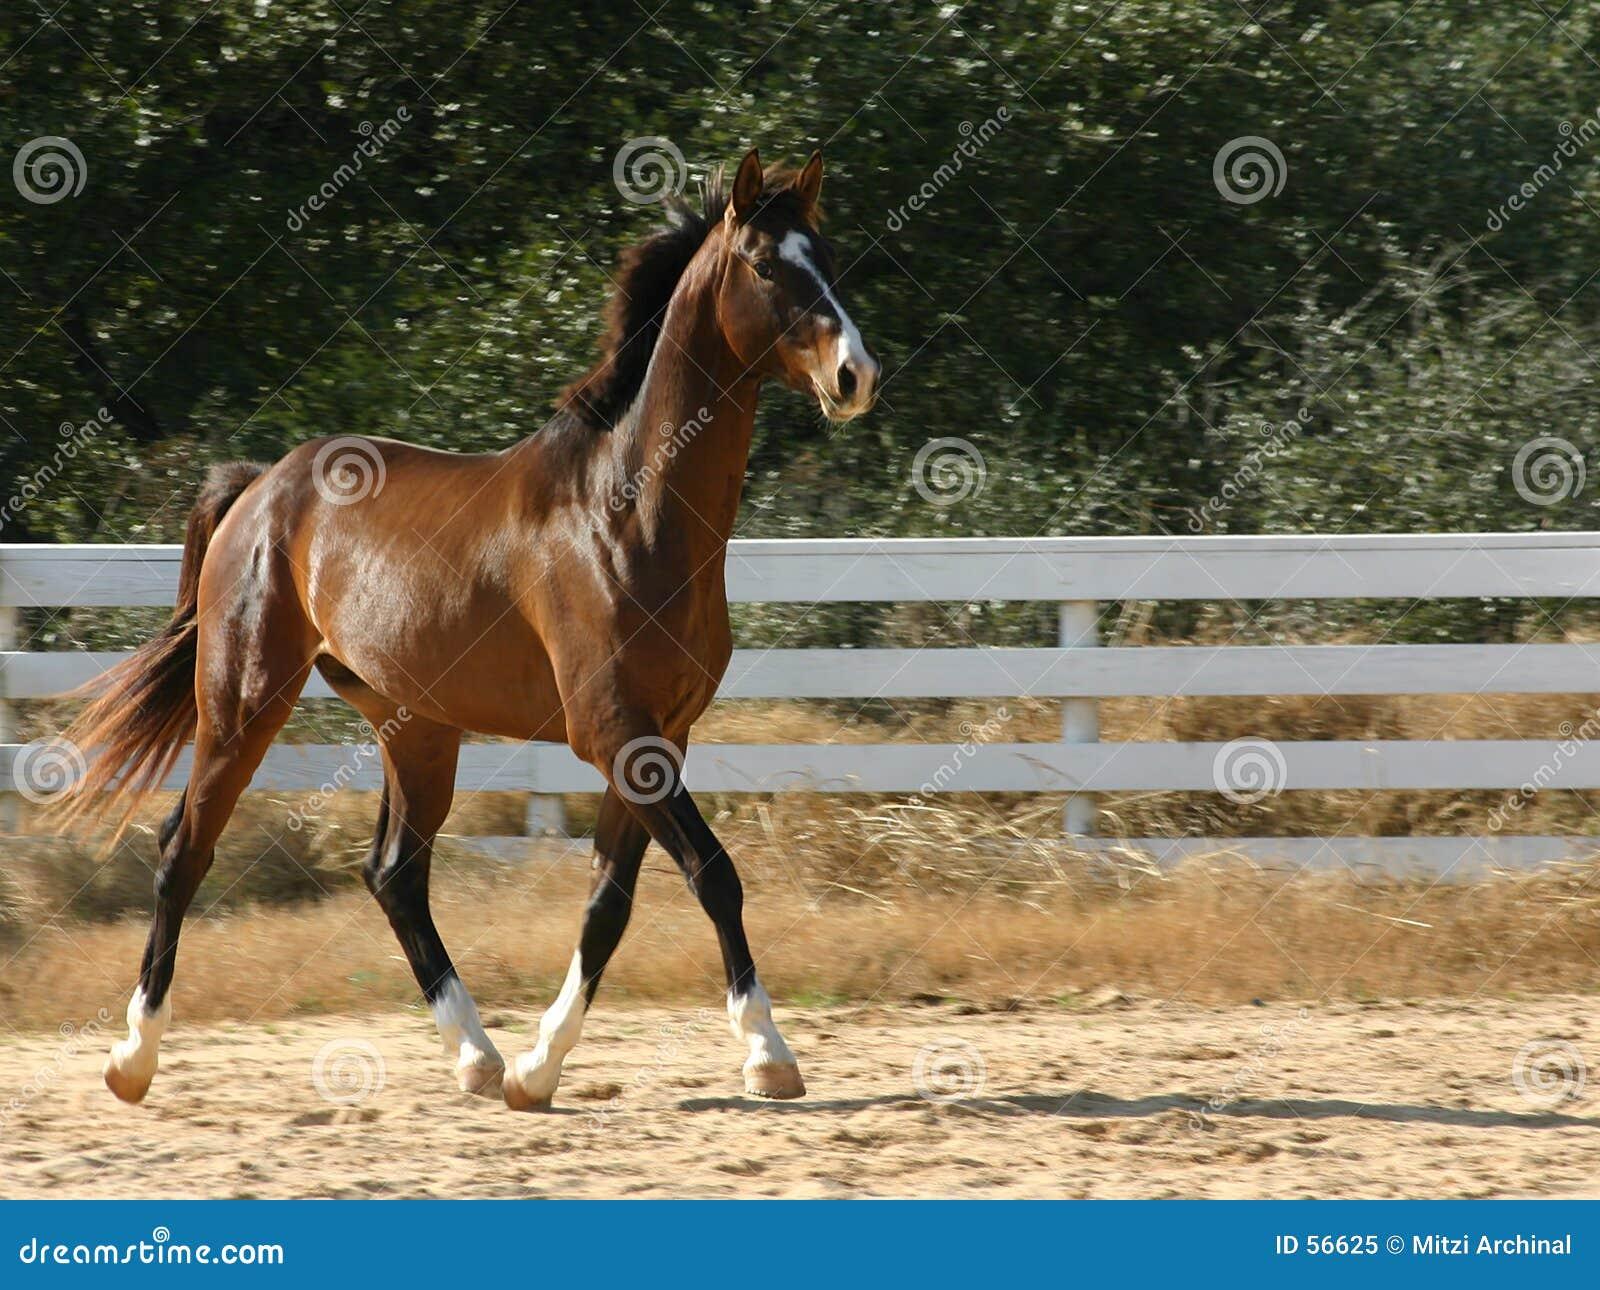 Download Trot de fantaisie image stock. Image du chevaux, équestre - 56625